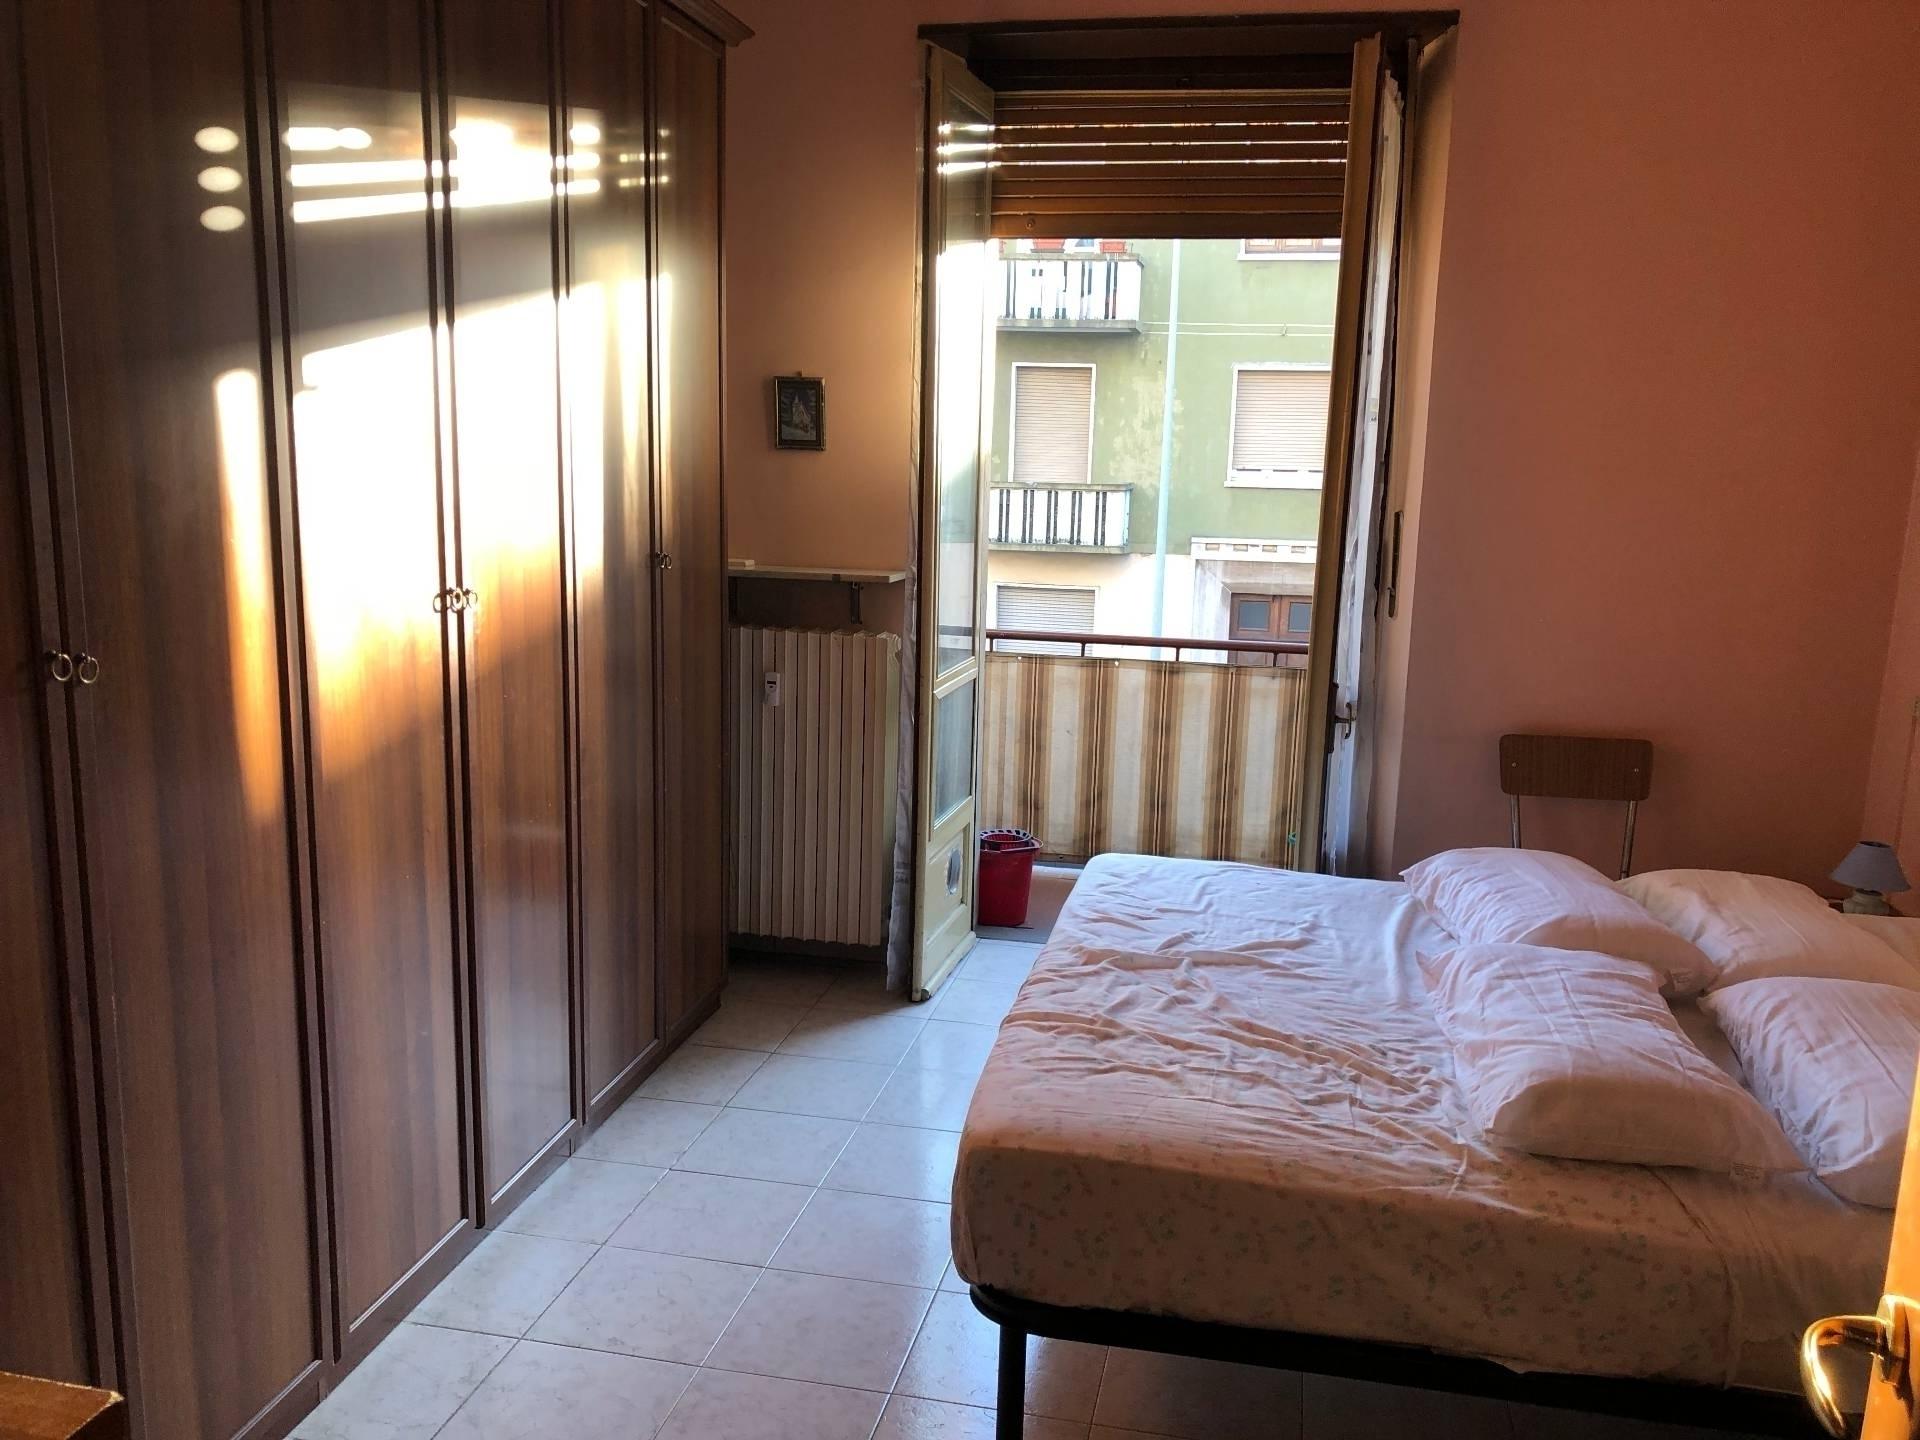 Bilocale affitto torino zona mirafiori sud for Bilocale arredato torino